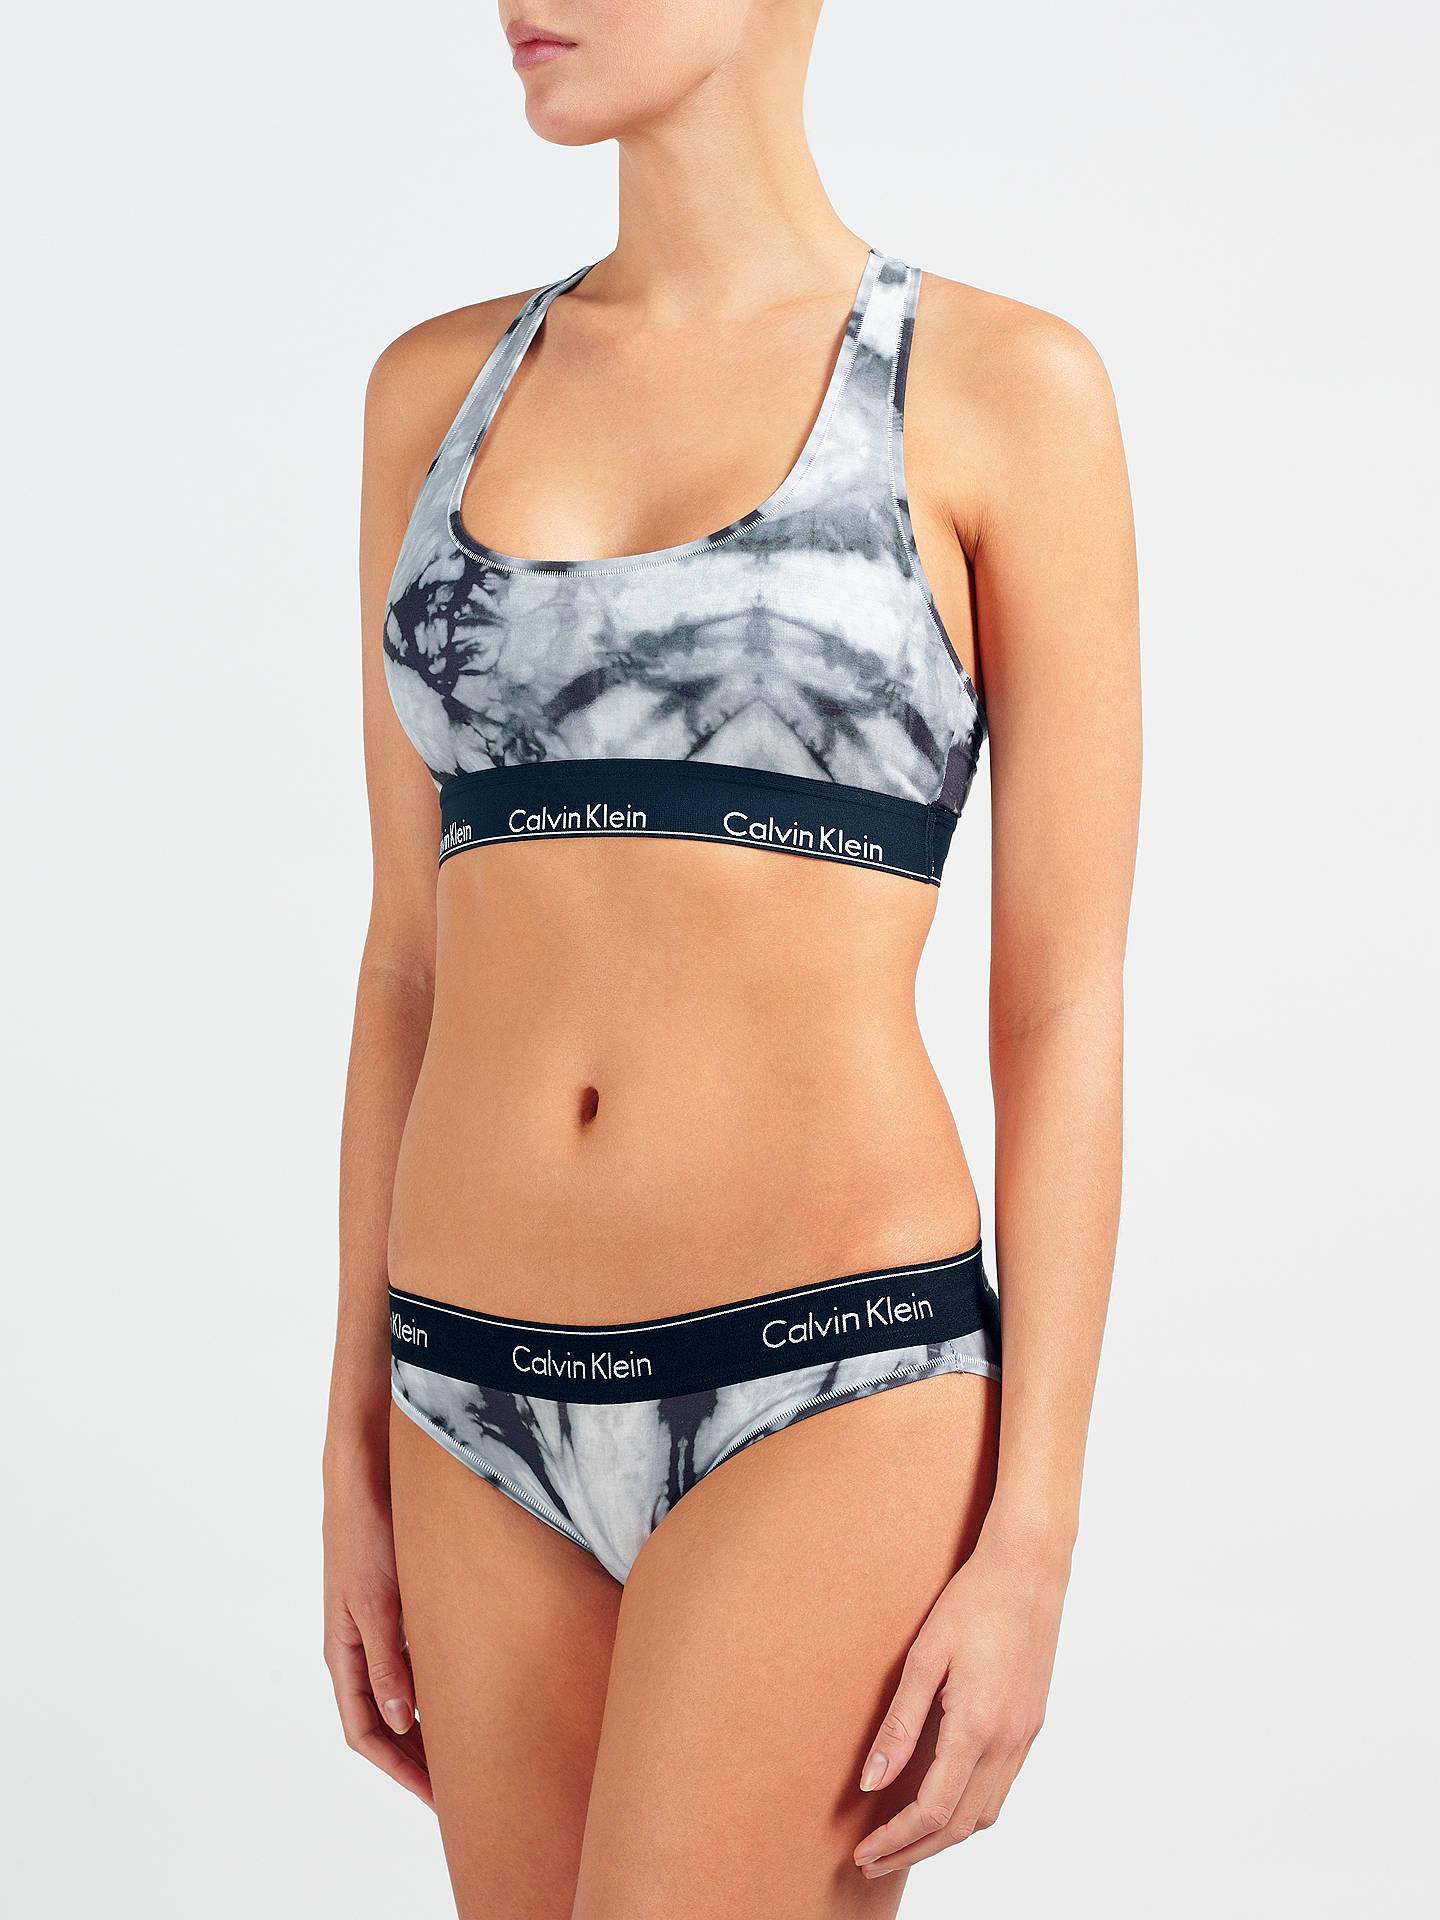 ff8b32f406 Buy Calvin Klein Underwear Modern Cotton Bleach Dye Bralette